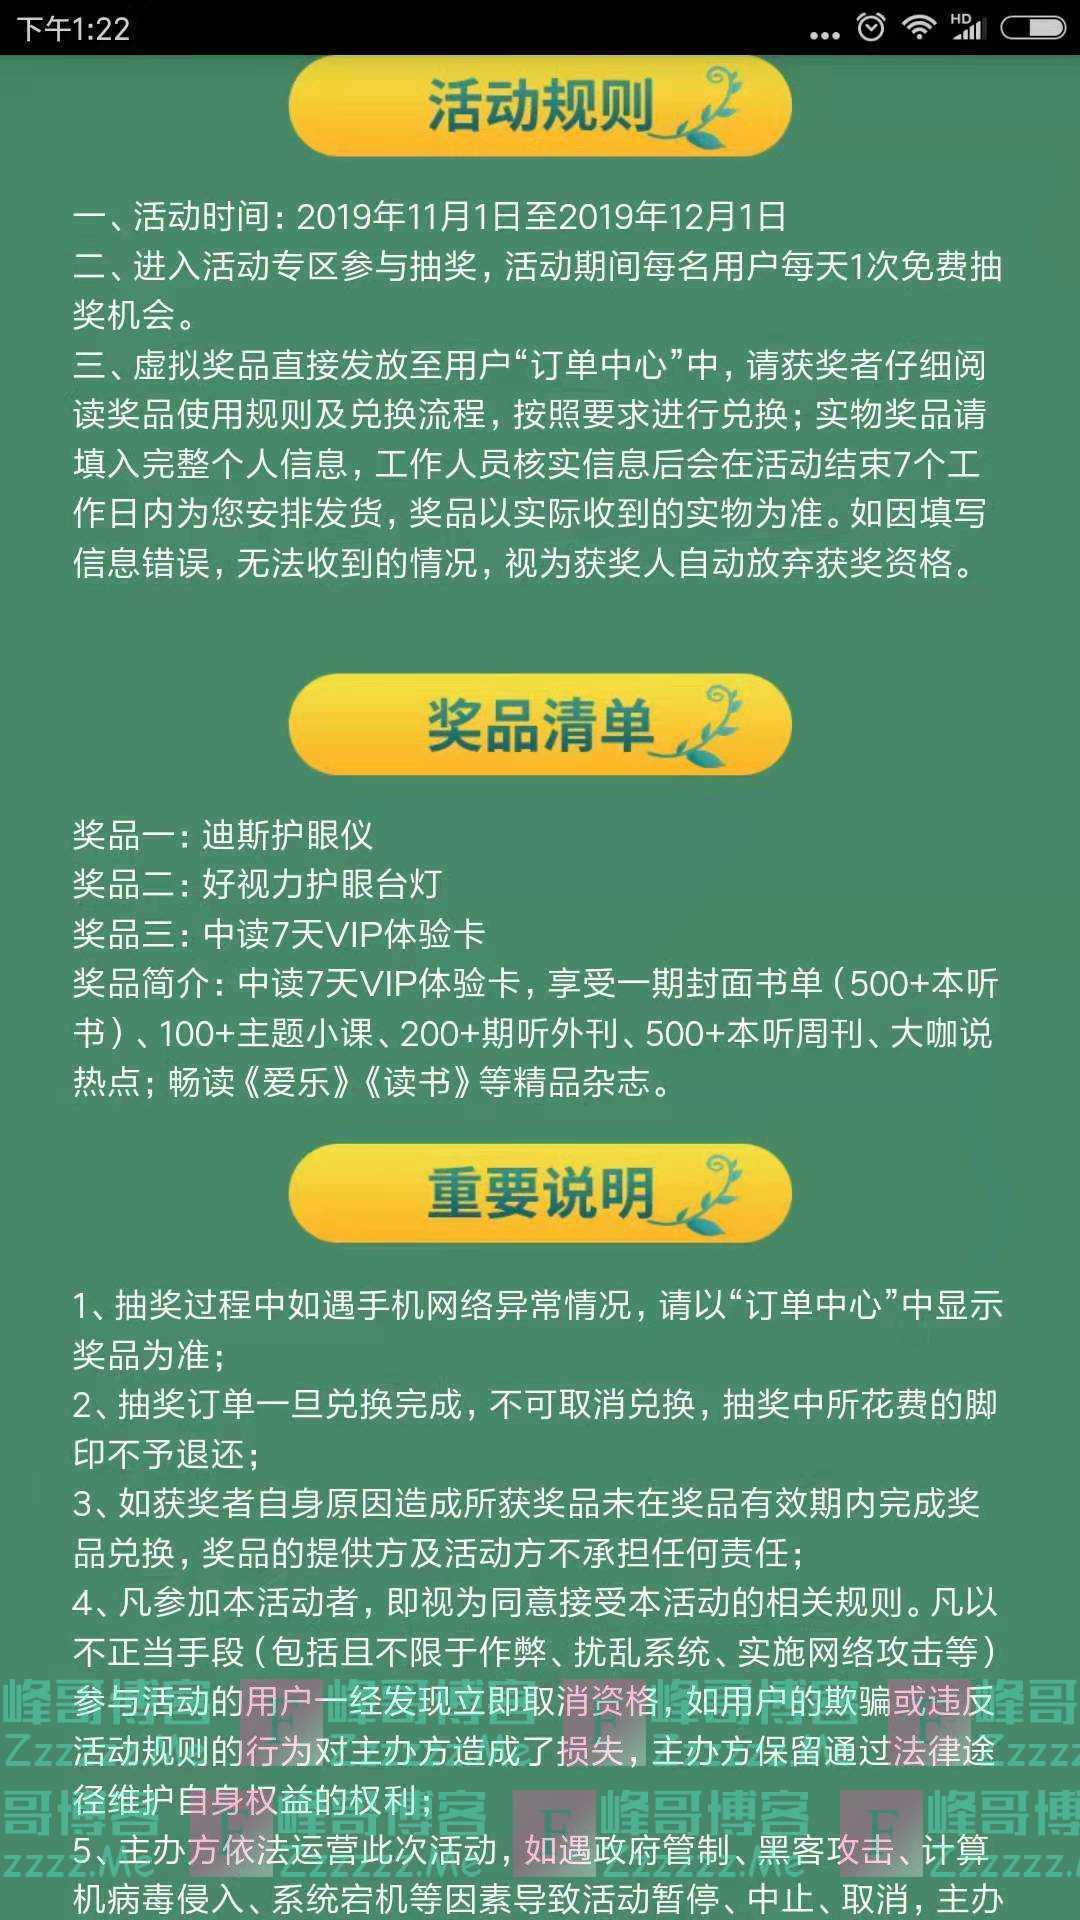 中国工商银行阅来阅快乐(截止12月1日)